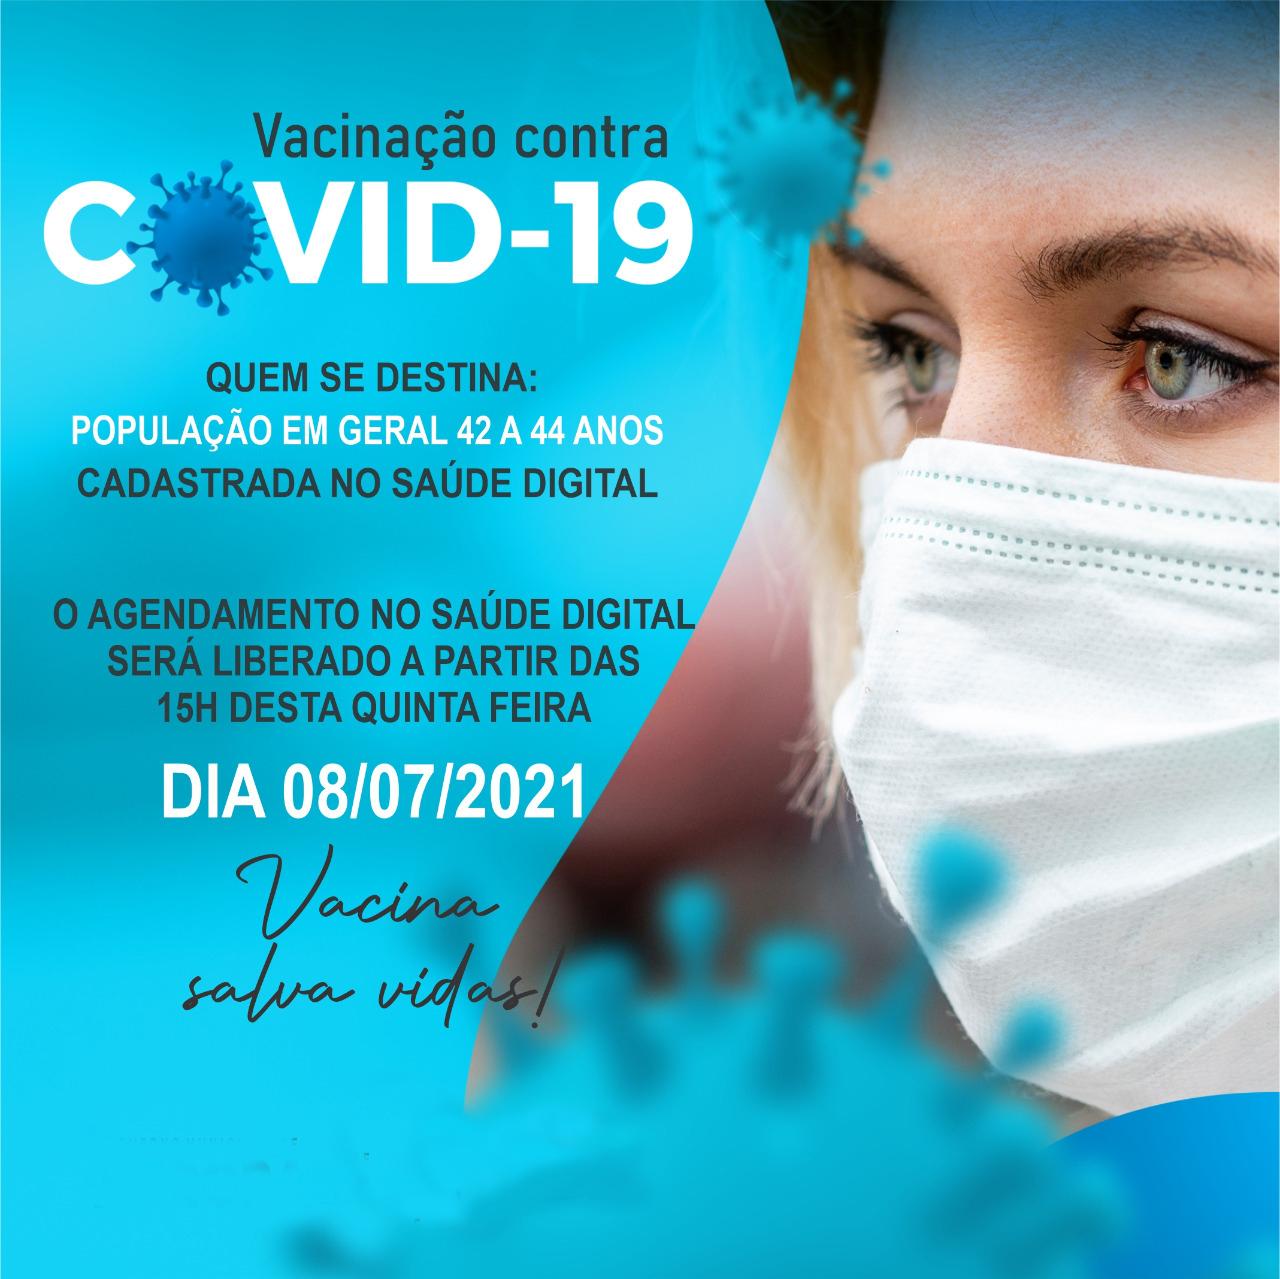 Aurora abre amanhã, quinta-feira, agendamento para vacinar contra covid-19 população em geral de 42 a 44 anos